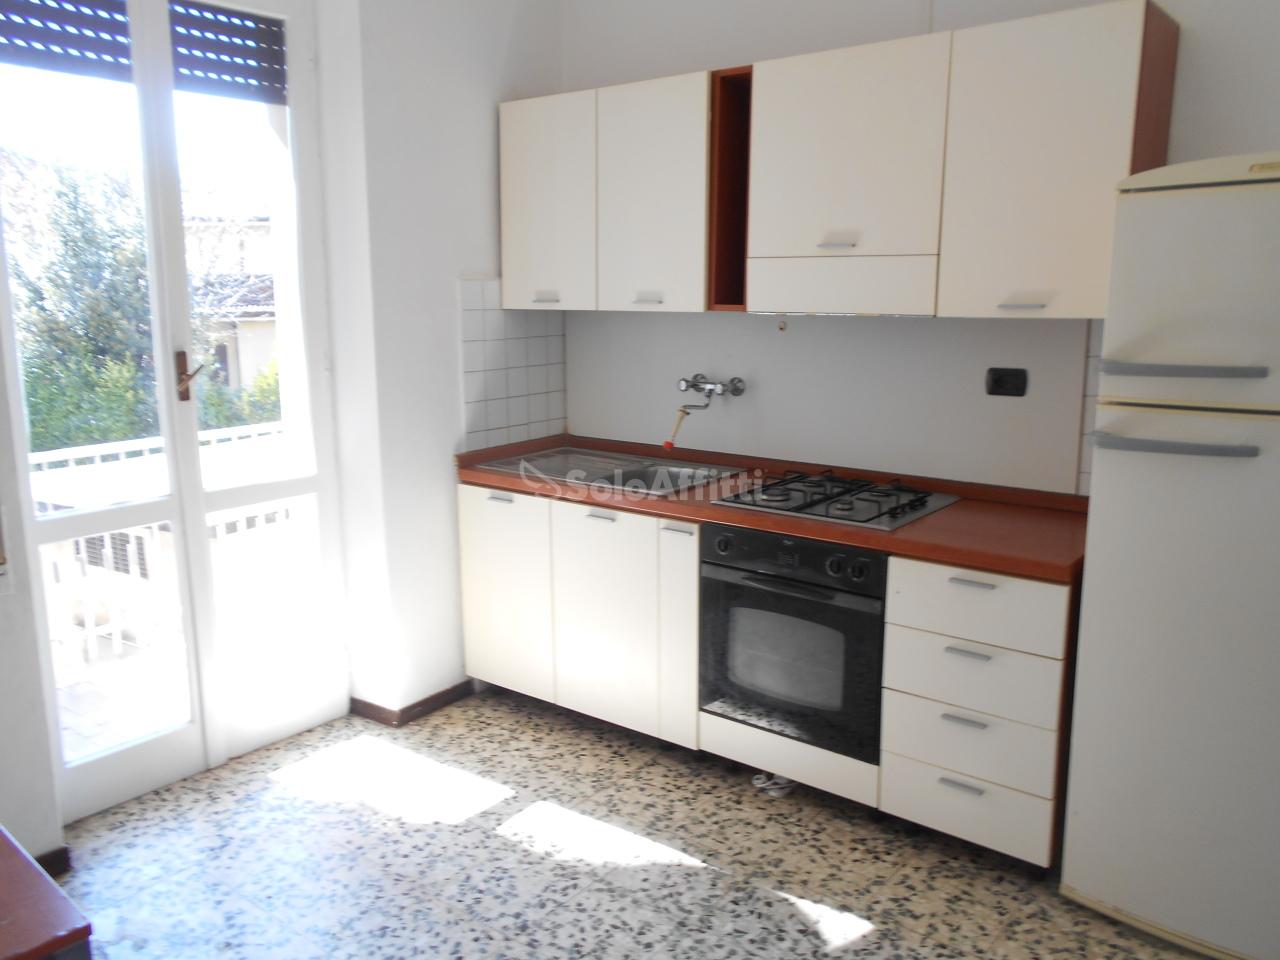 Appartamento in affitto a Tavernerio (CO)